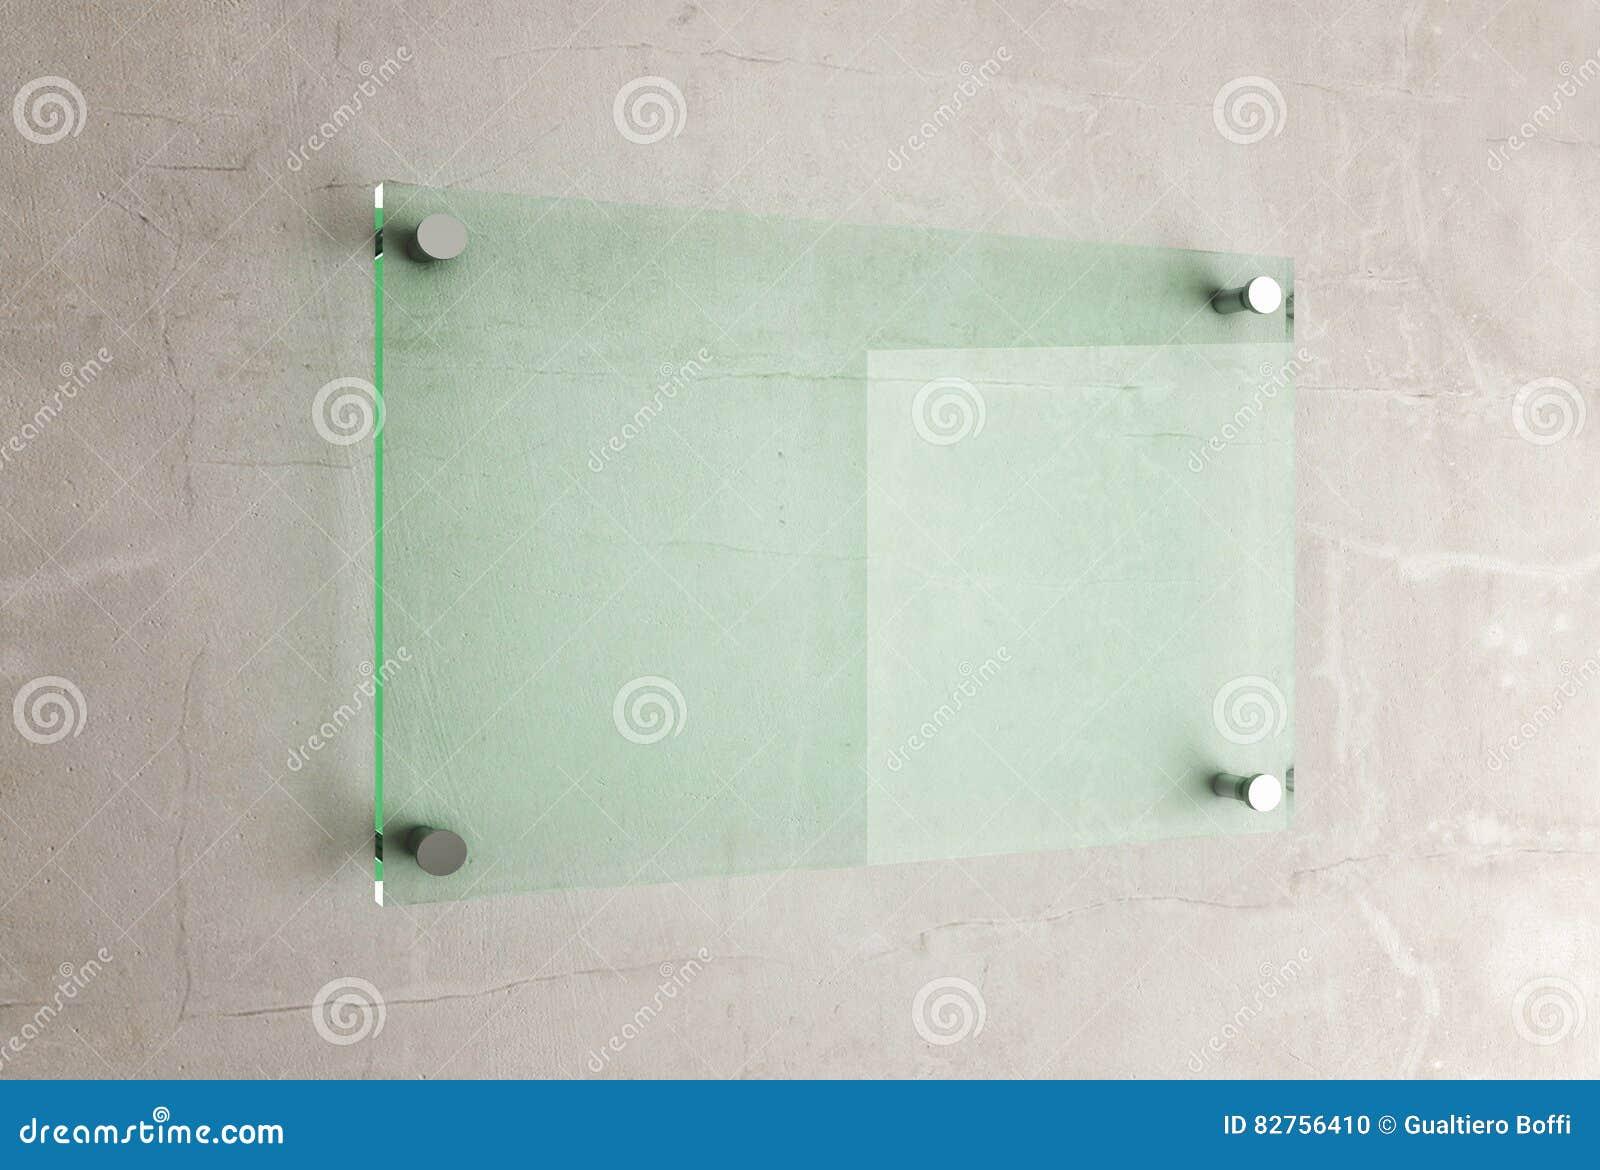 Glasplaat Voor Aan De Muur.Glasplaat Op Muur Stock Illustratie Illustratie Bestaande